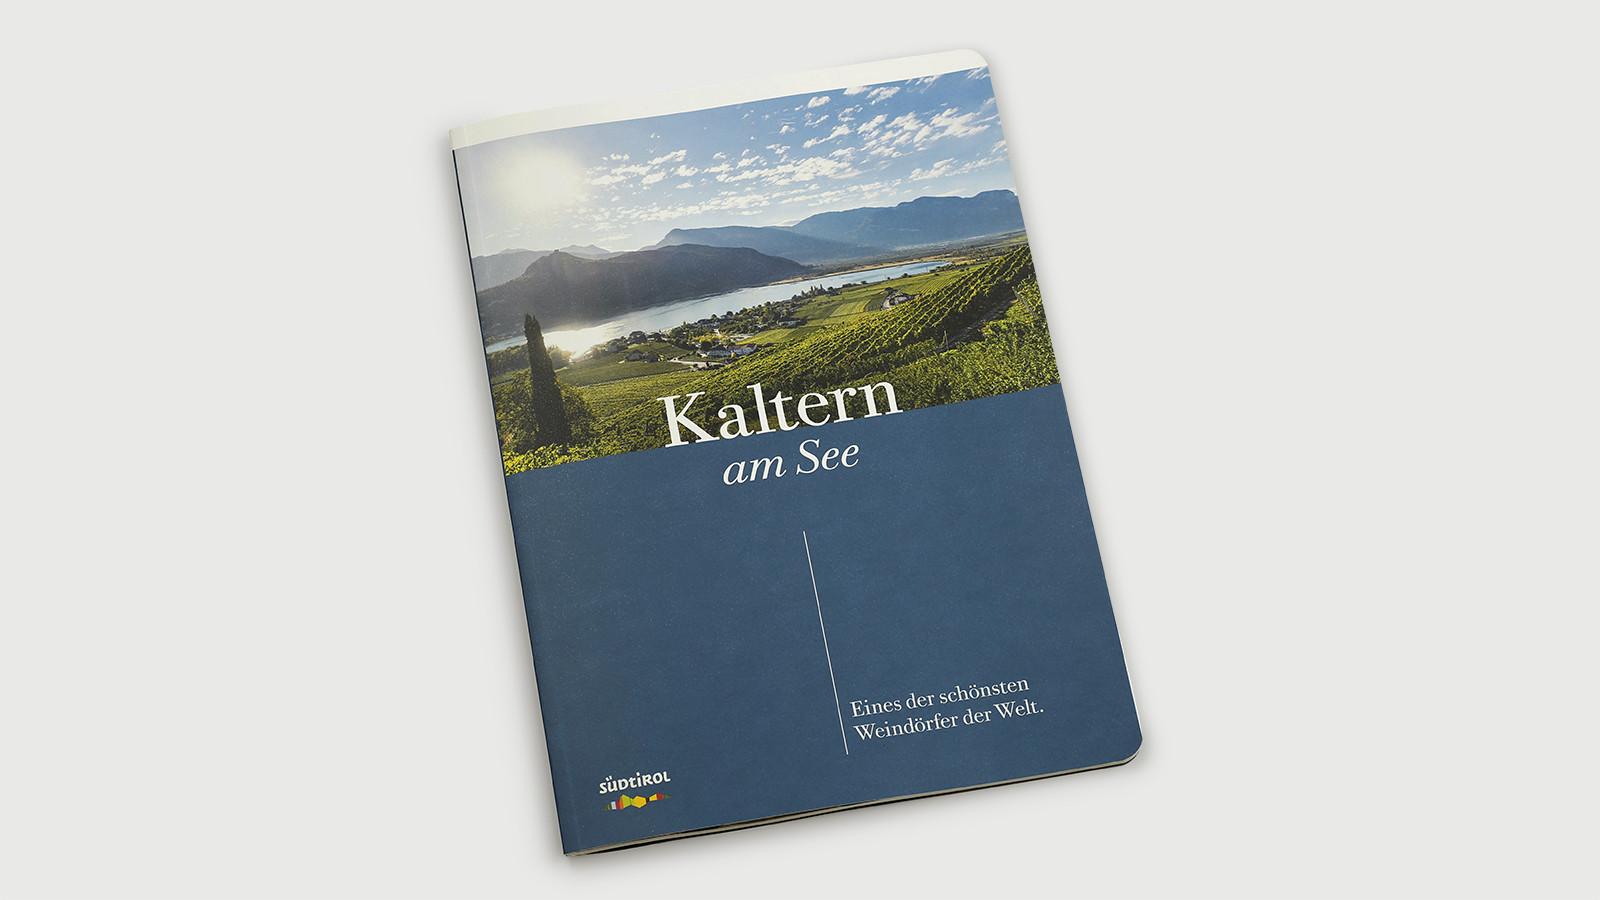 Kaltern_am_See_01